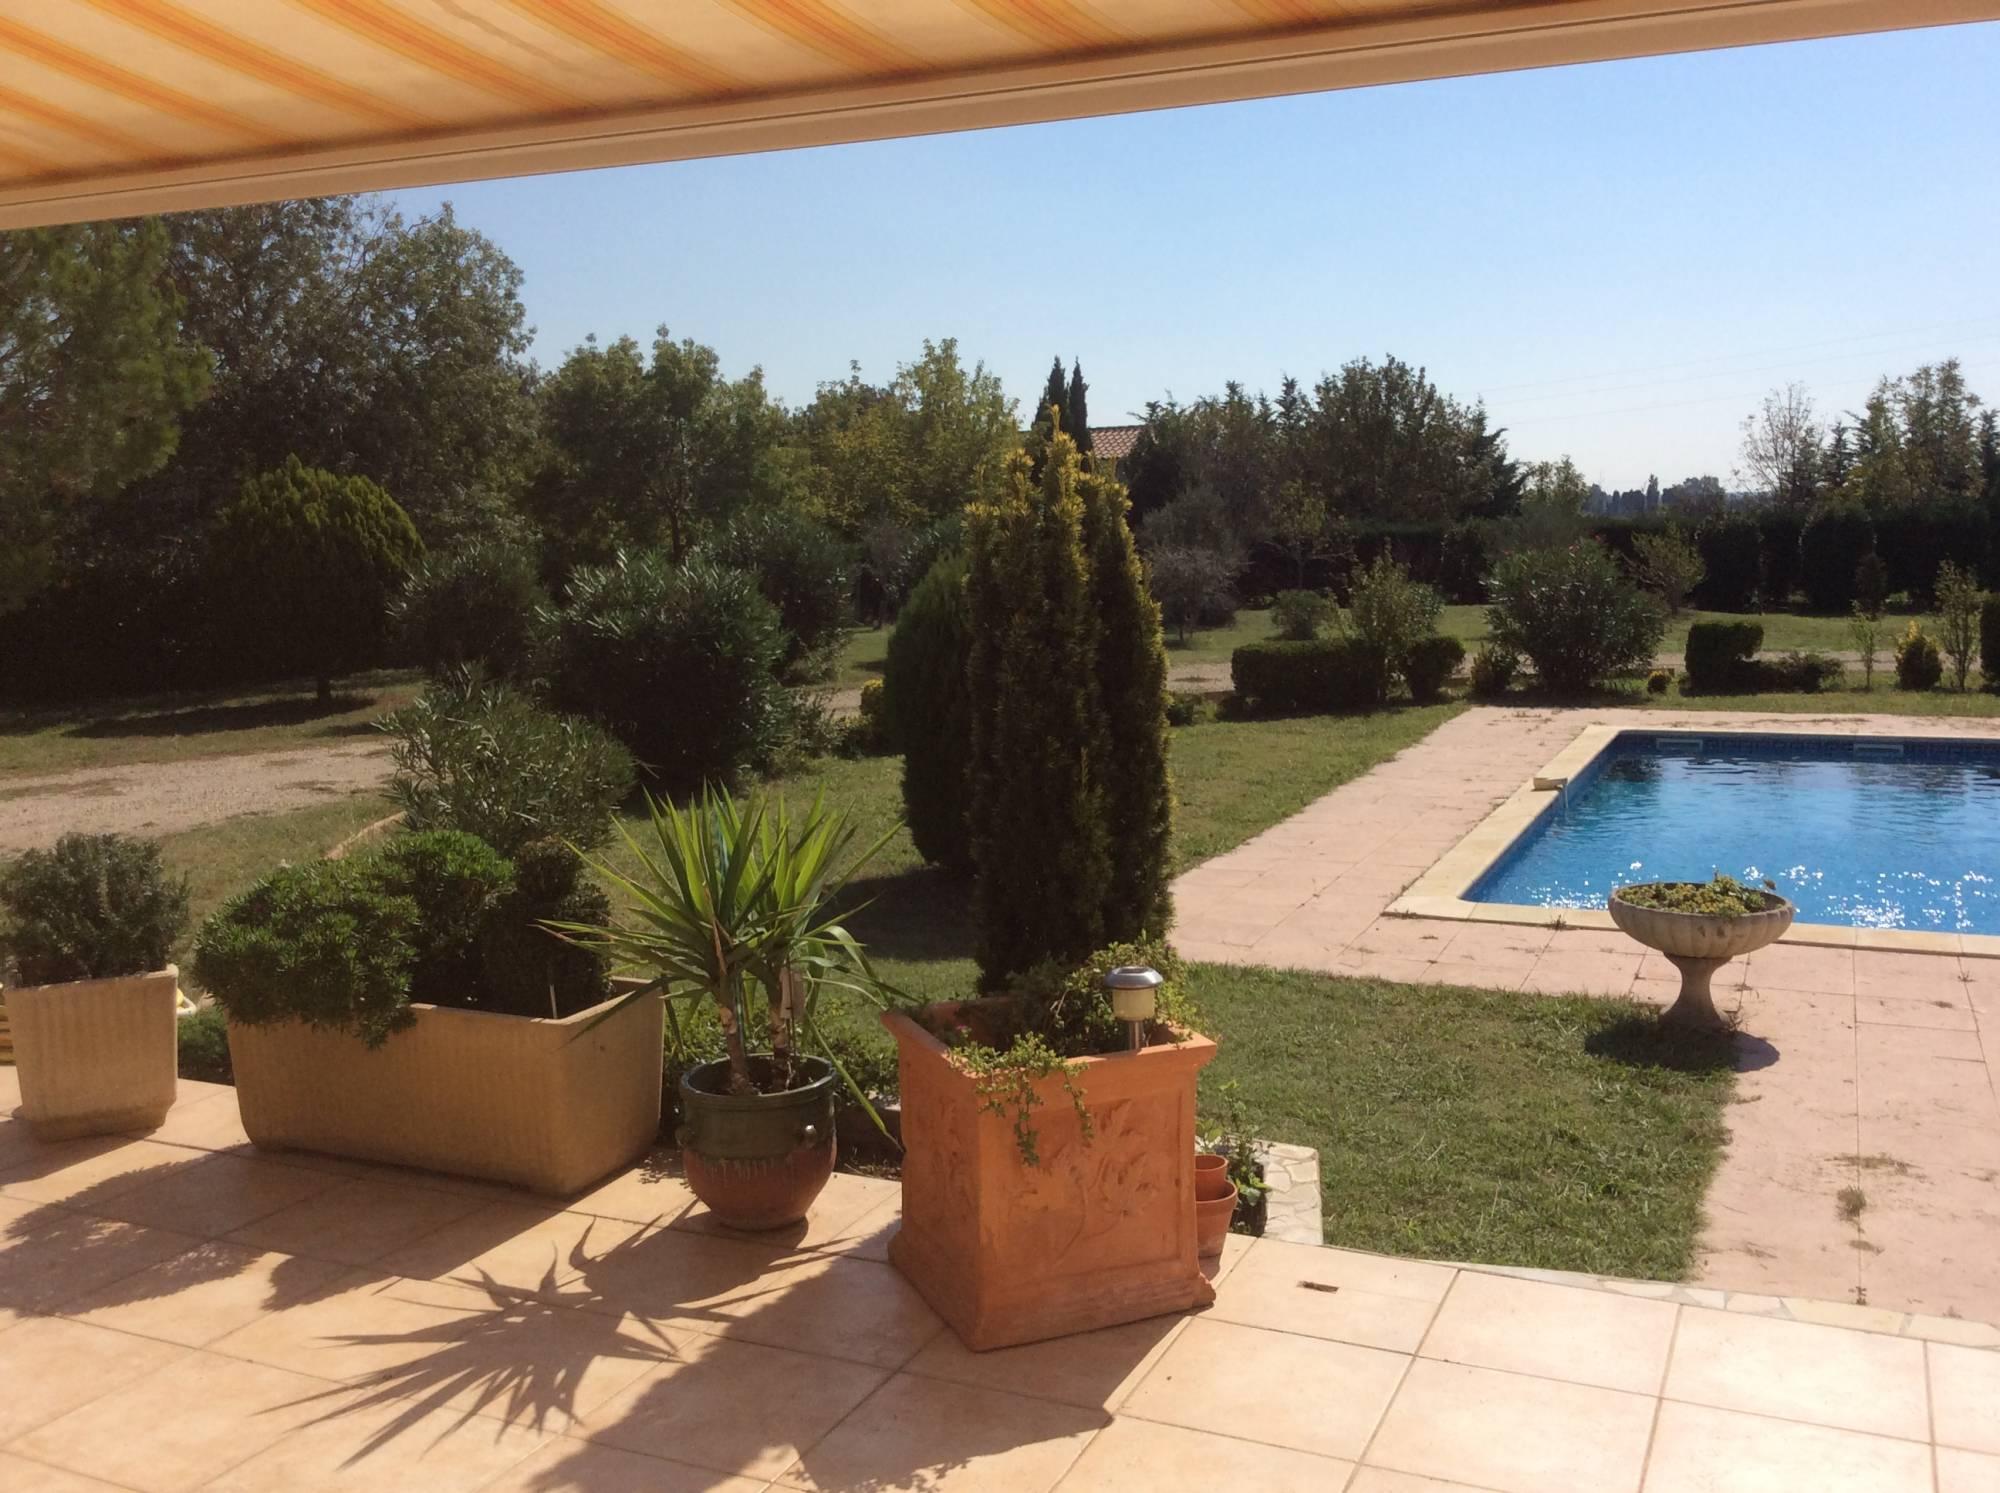 Villa en campagne type 6 13310 saint martin de crau villa en campagne sud alpilles avec belle - Piscine tubulaire avec terrasse lyon ...